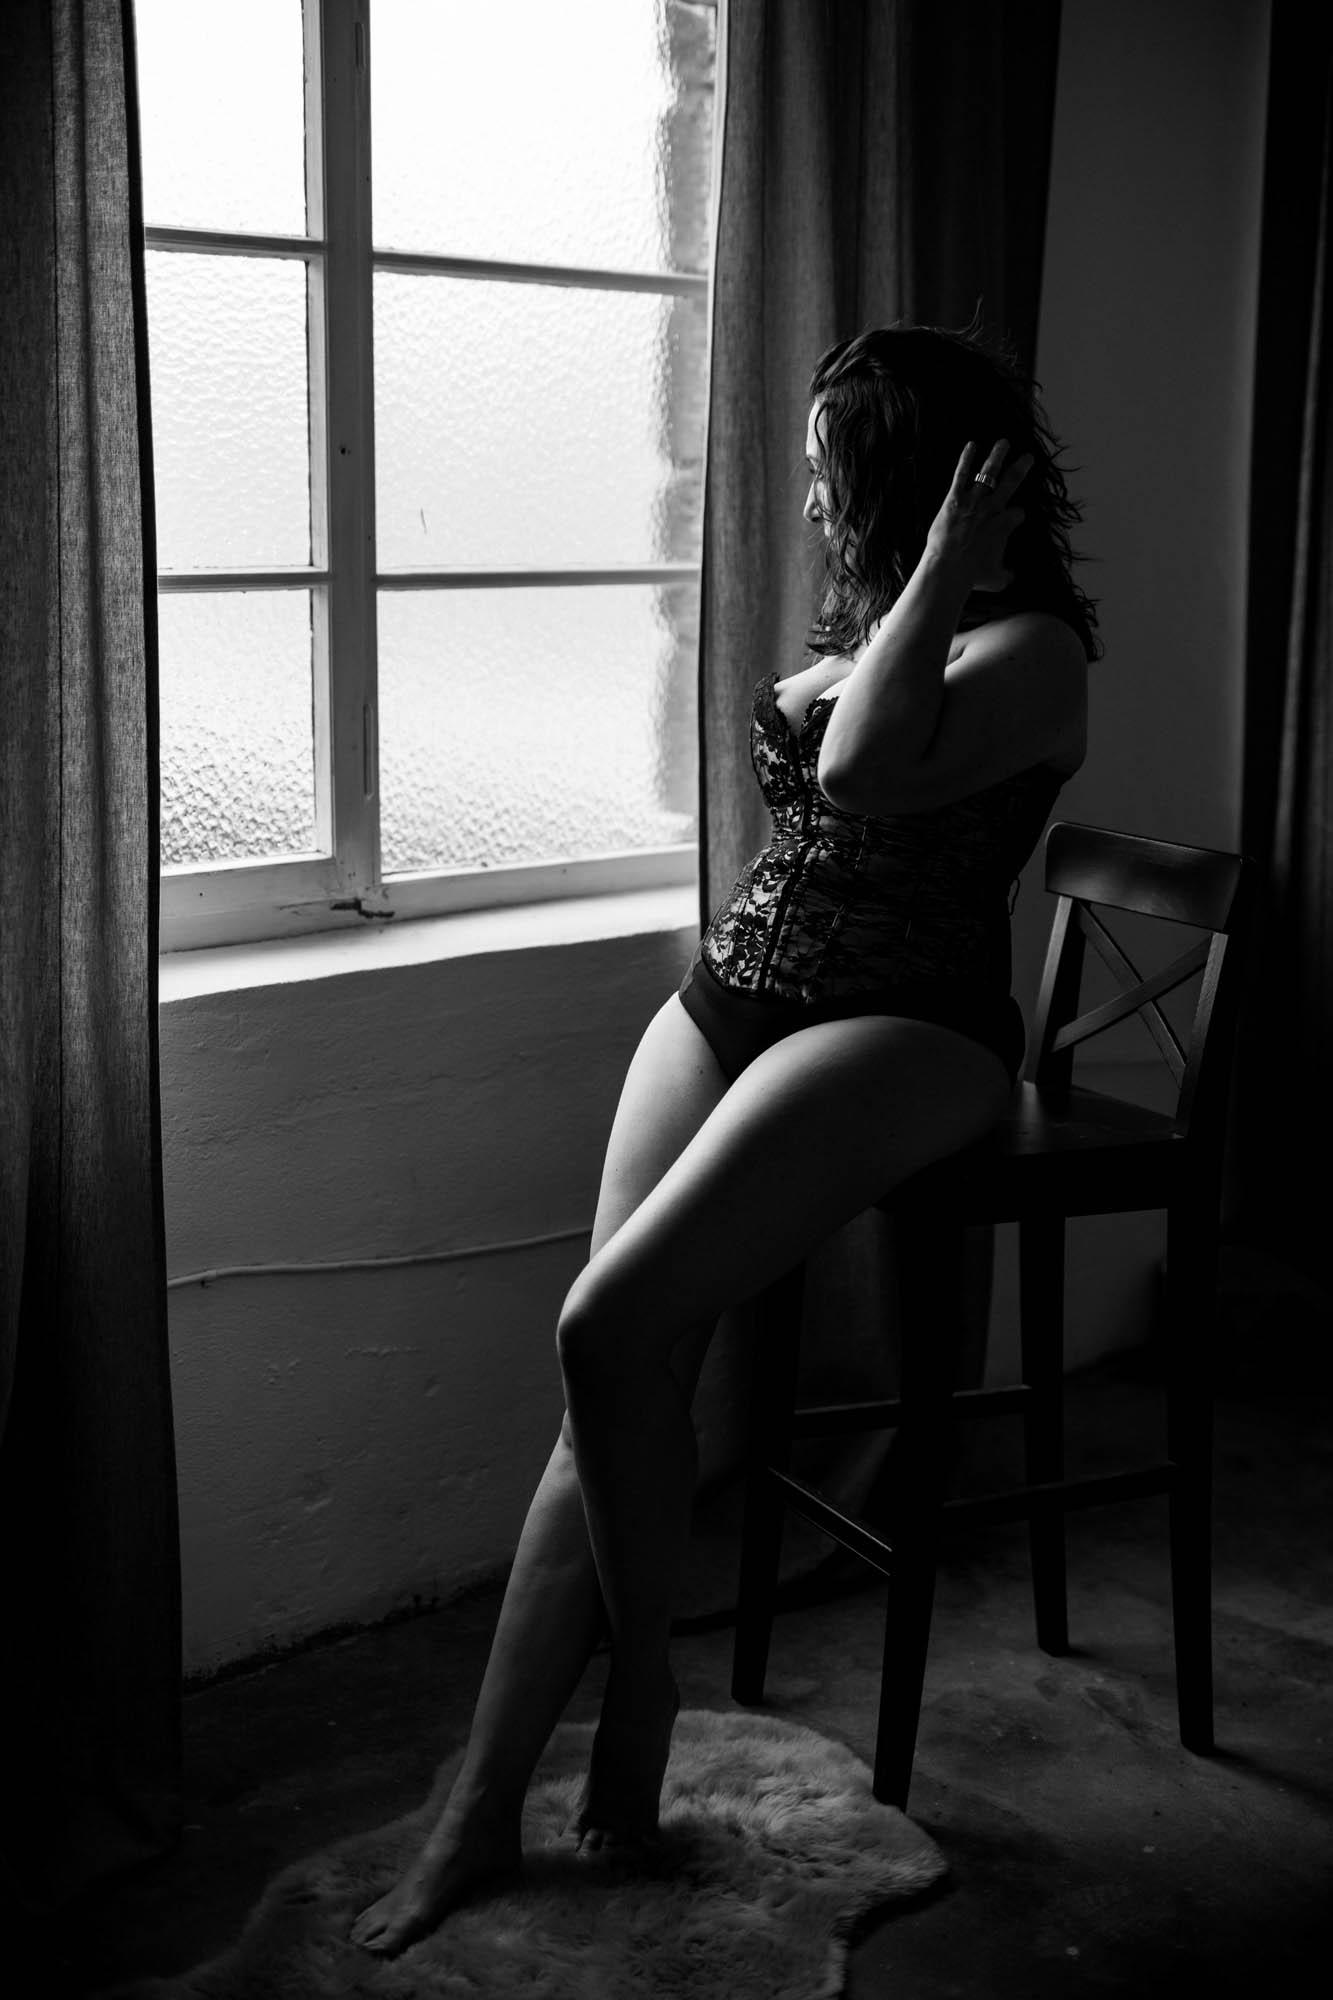 FABULOUS FORTY - ein sinnliches Fotoprojekt mit Frauen um die 40. © Nadine Wisser